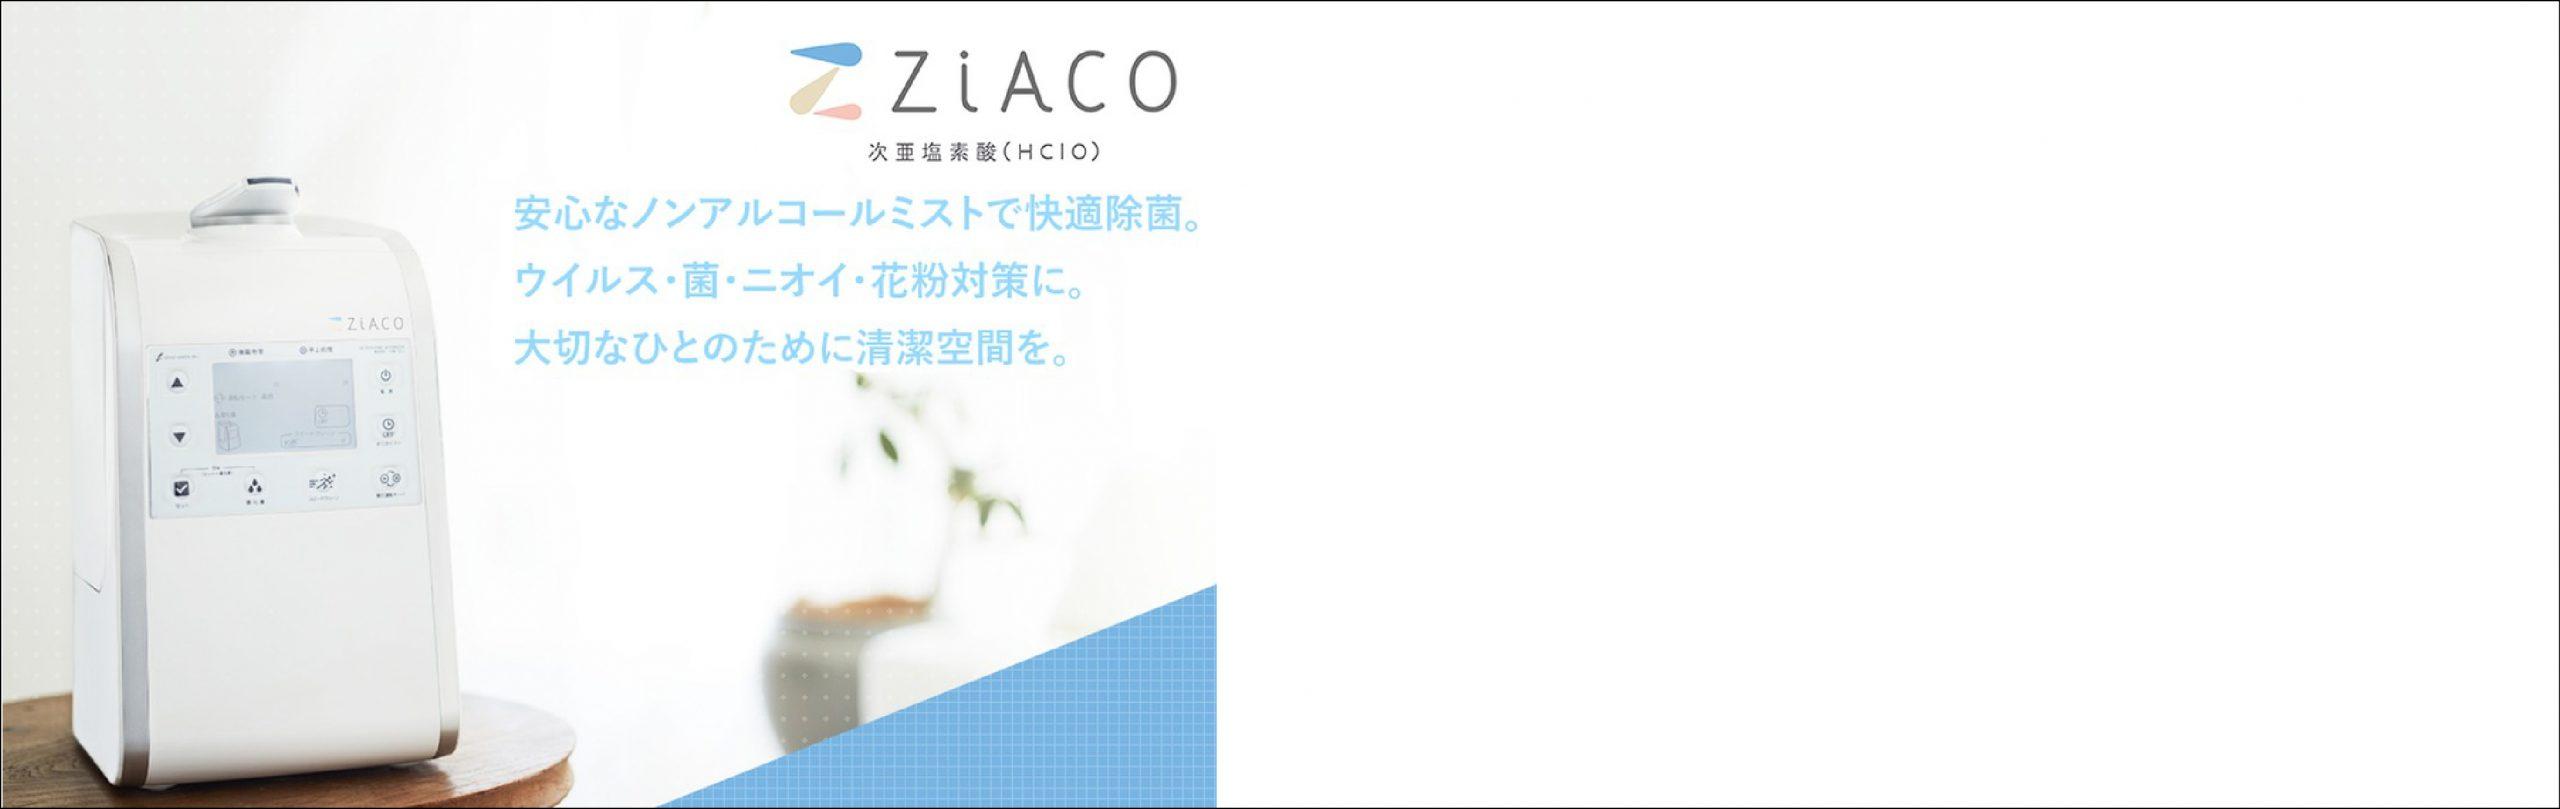 《 多様なサービスに対応 》 ZIACO(ジアコ)